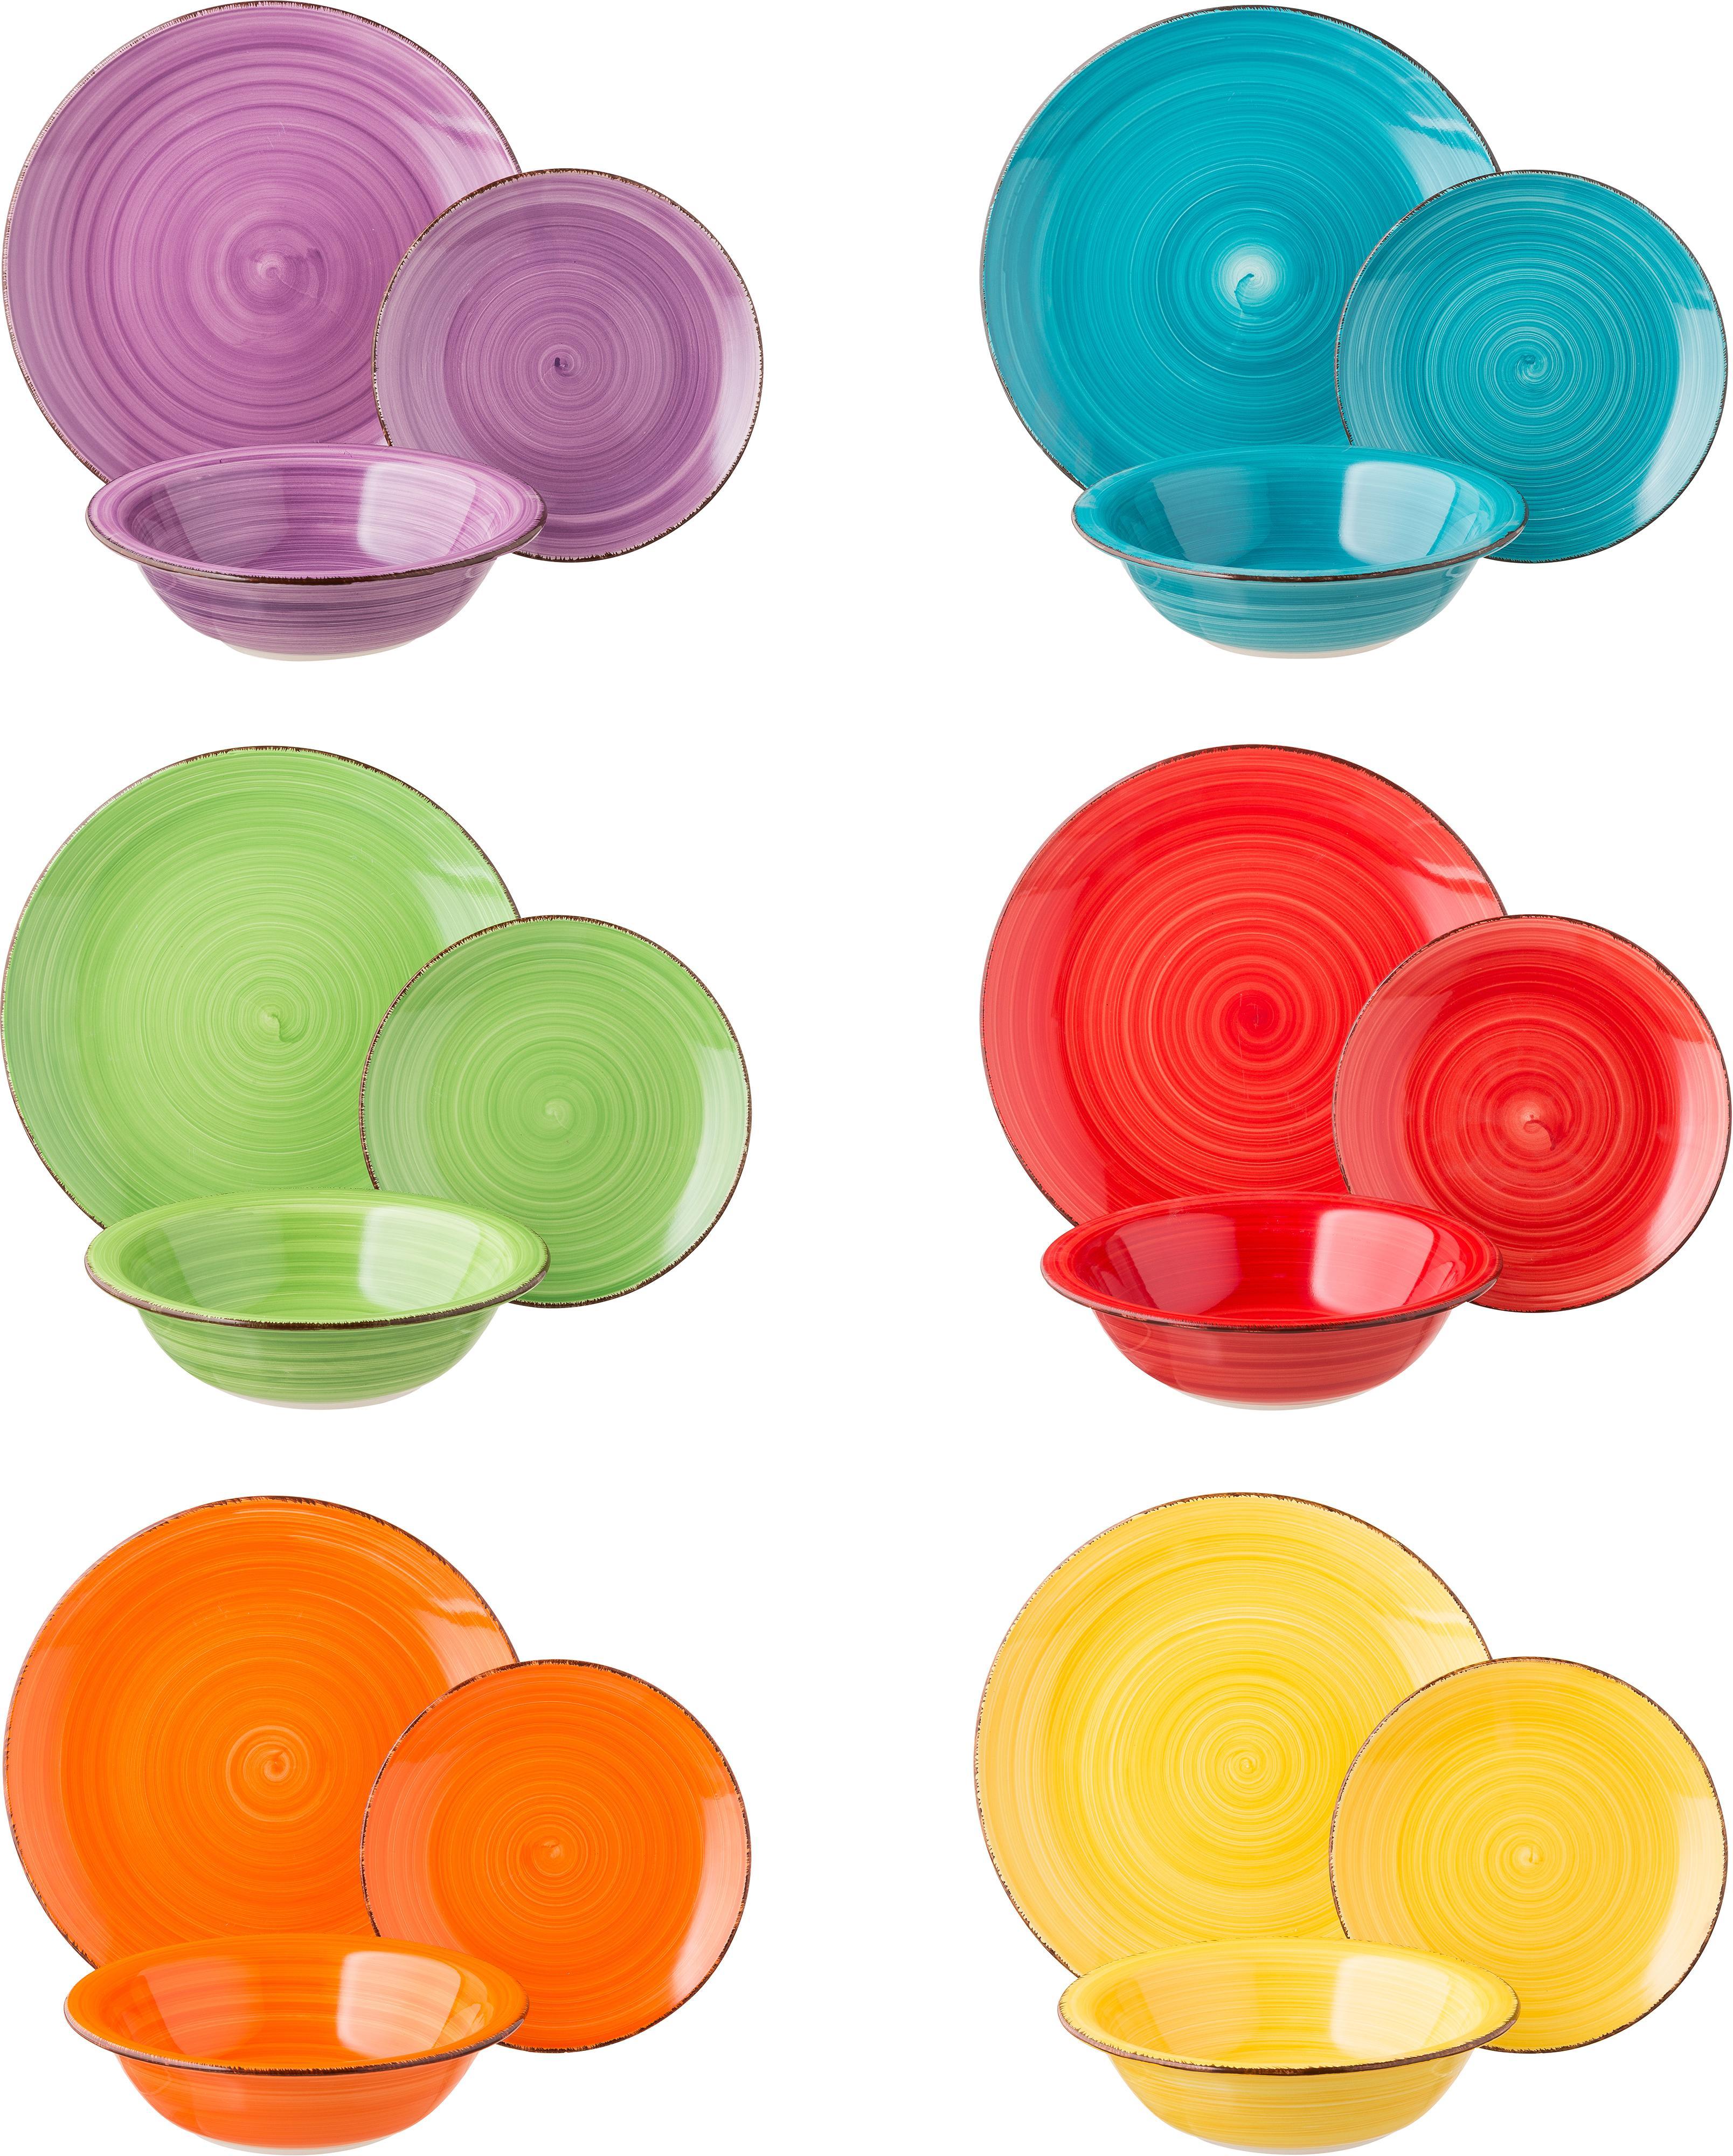 Vajilla artesanal Baita, 6comensales (18pzas.), Gres (dolomita) pintadoamano, Amarillo, lila, turquesa, naranja, rojo, verde, Tamaños diferentes